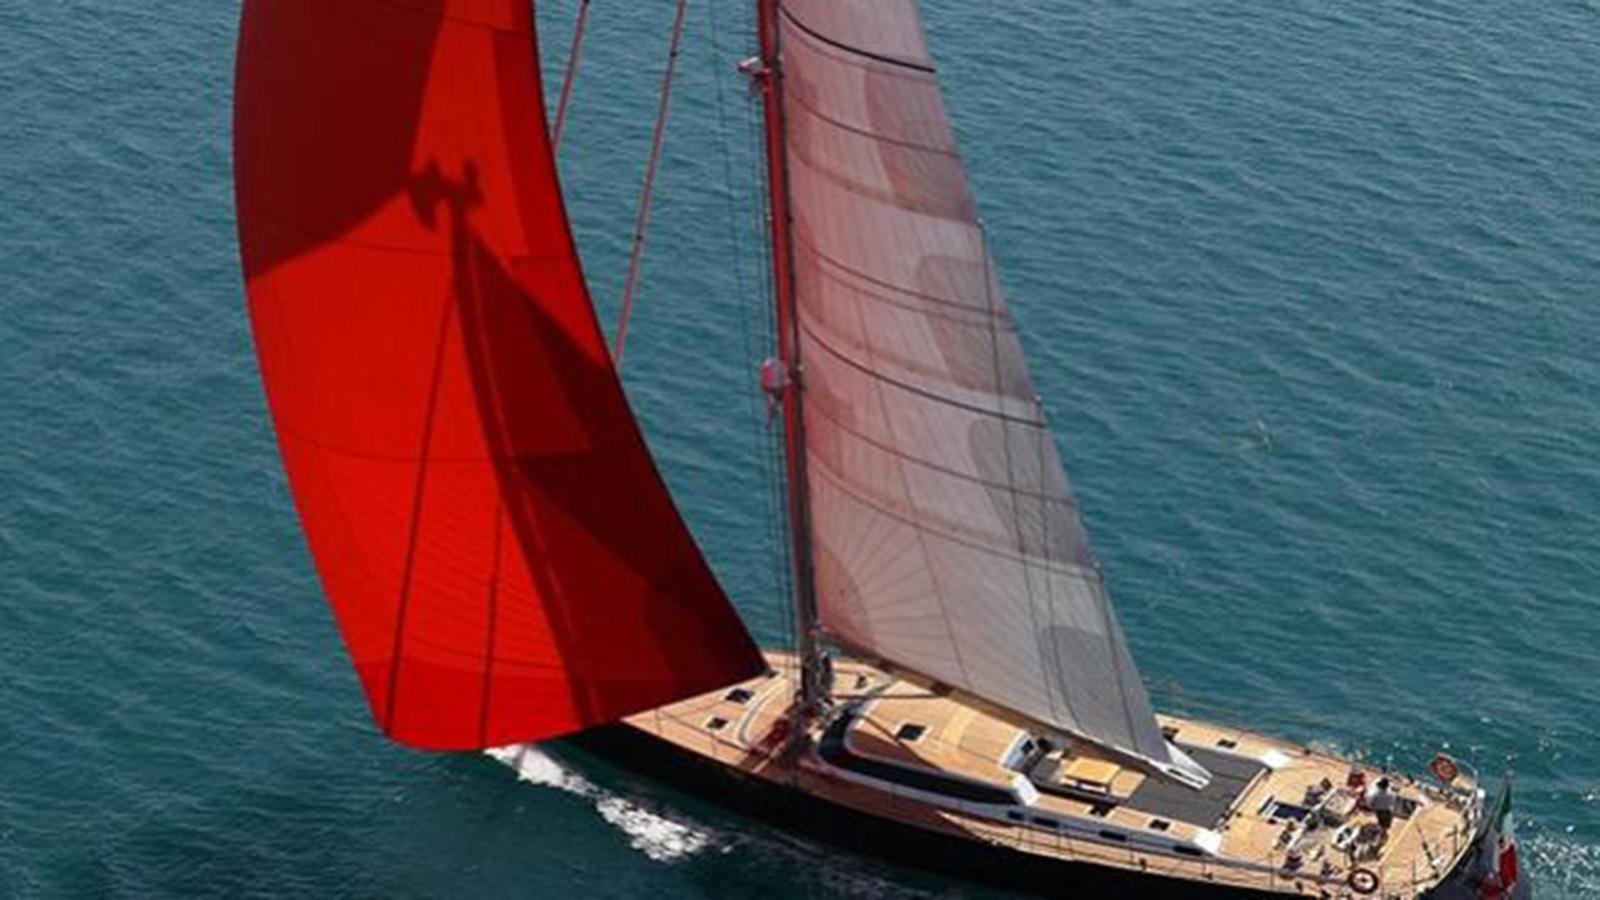 Xnoi - Perini Navi yacht for sale